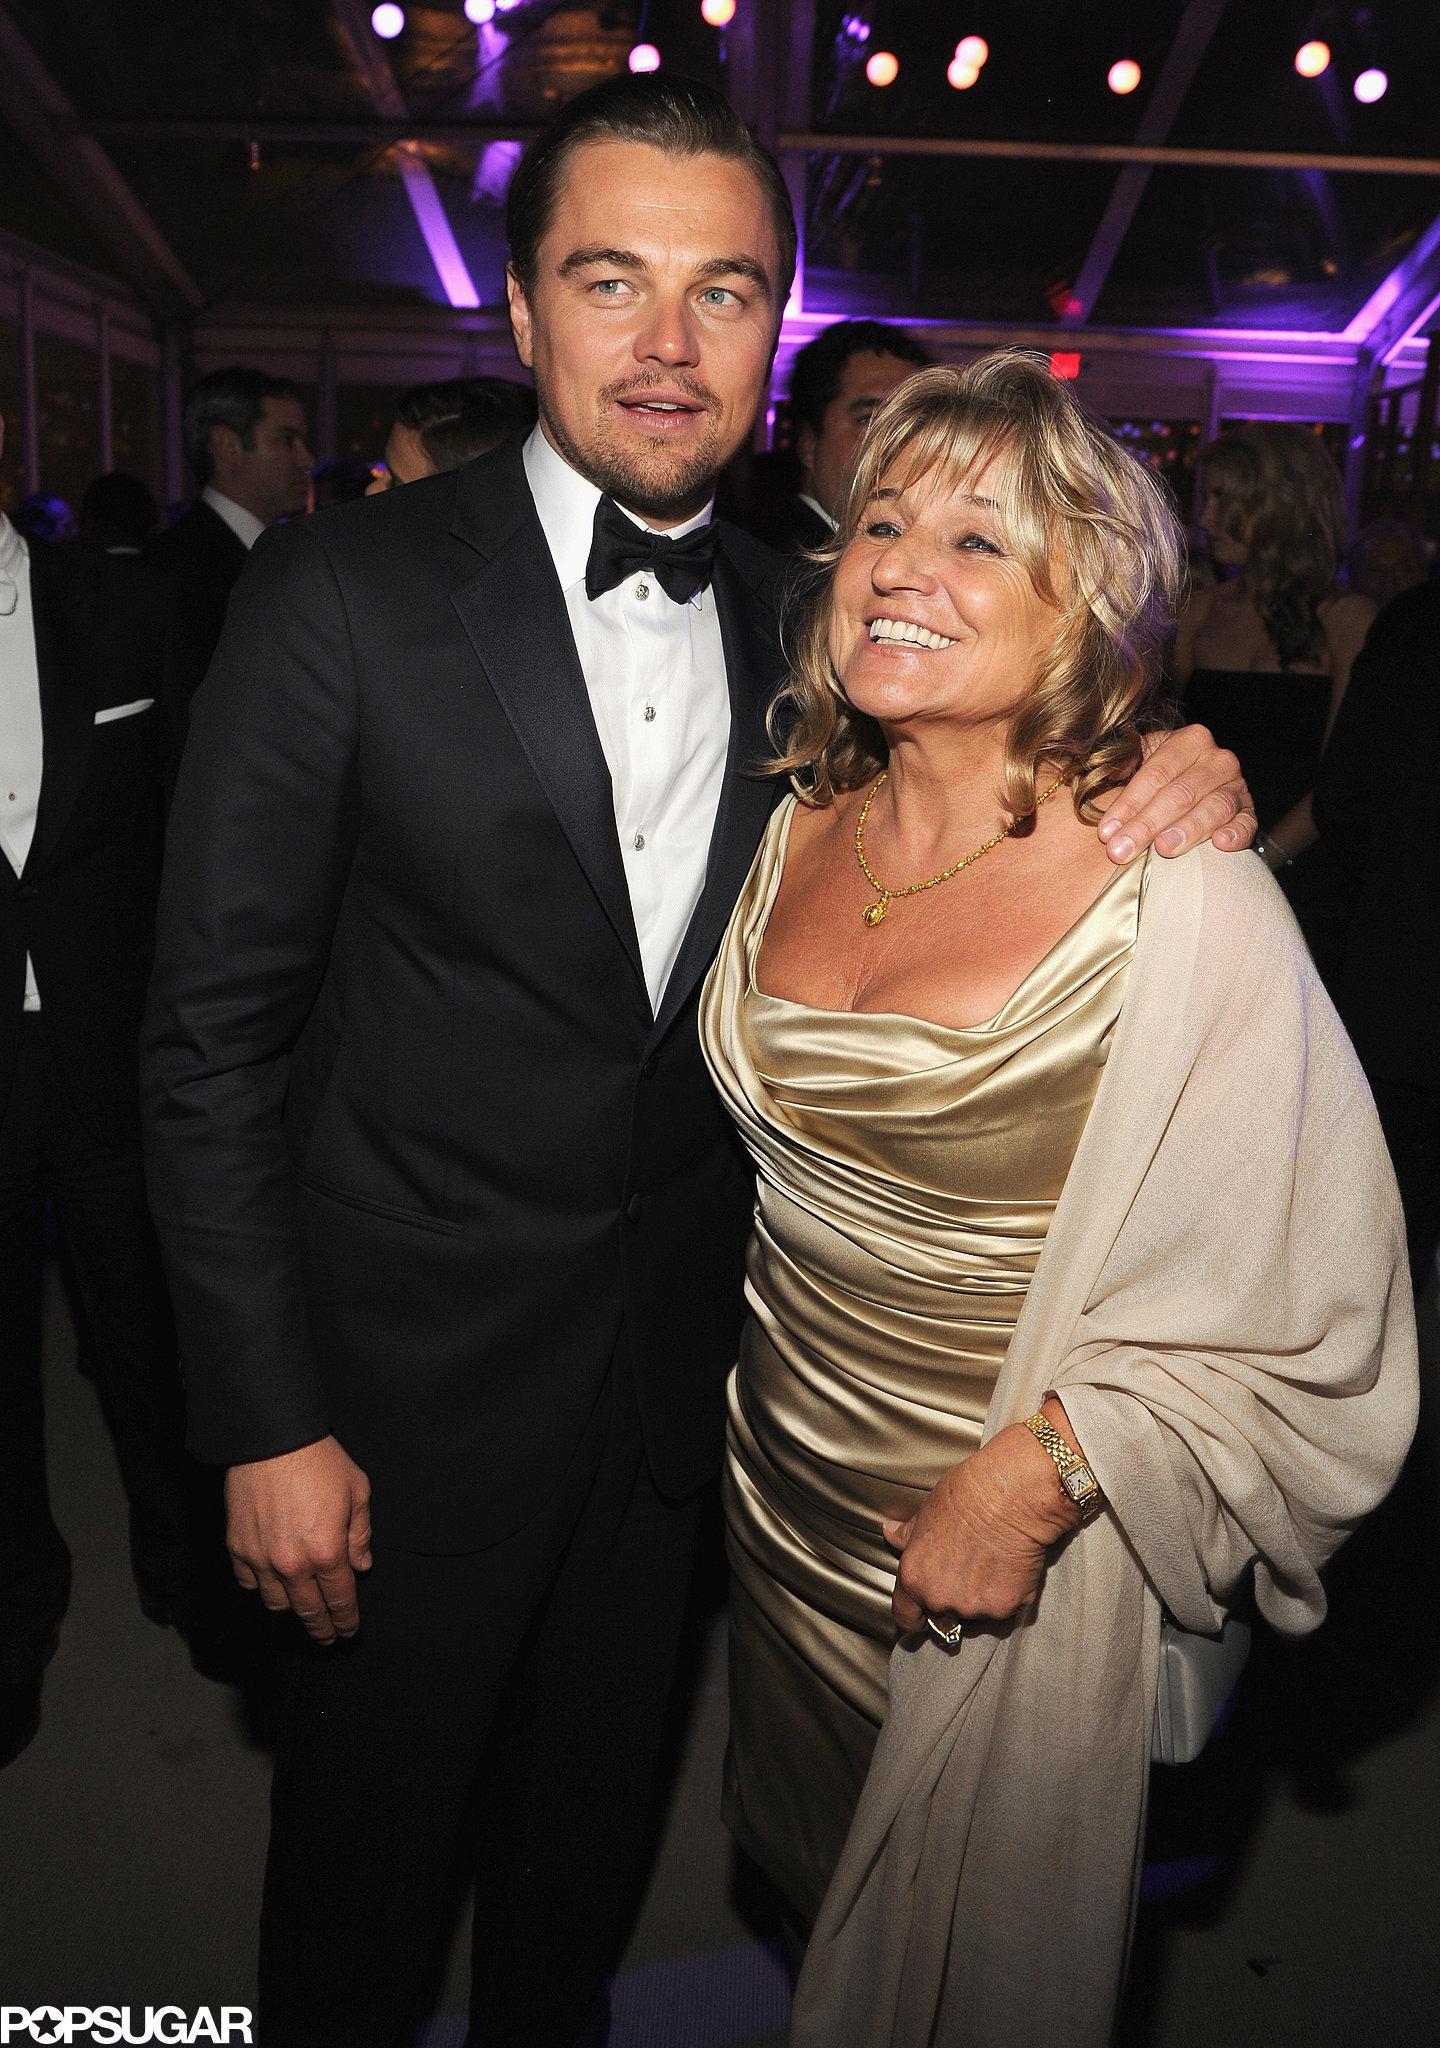 Leonardo DiCaprio partied with his mom, Irmelin Indenbirken.